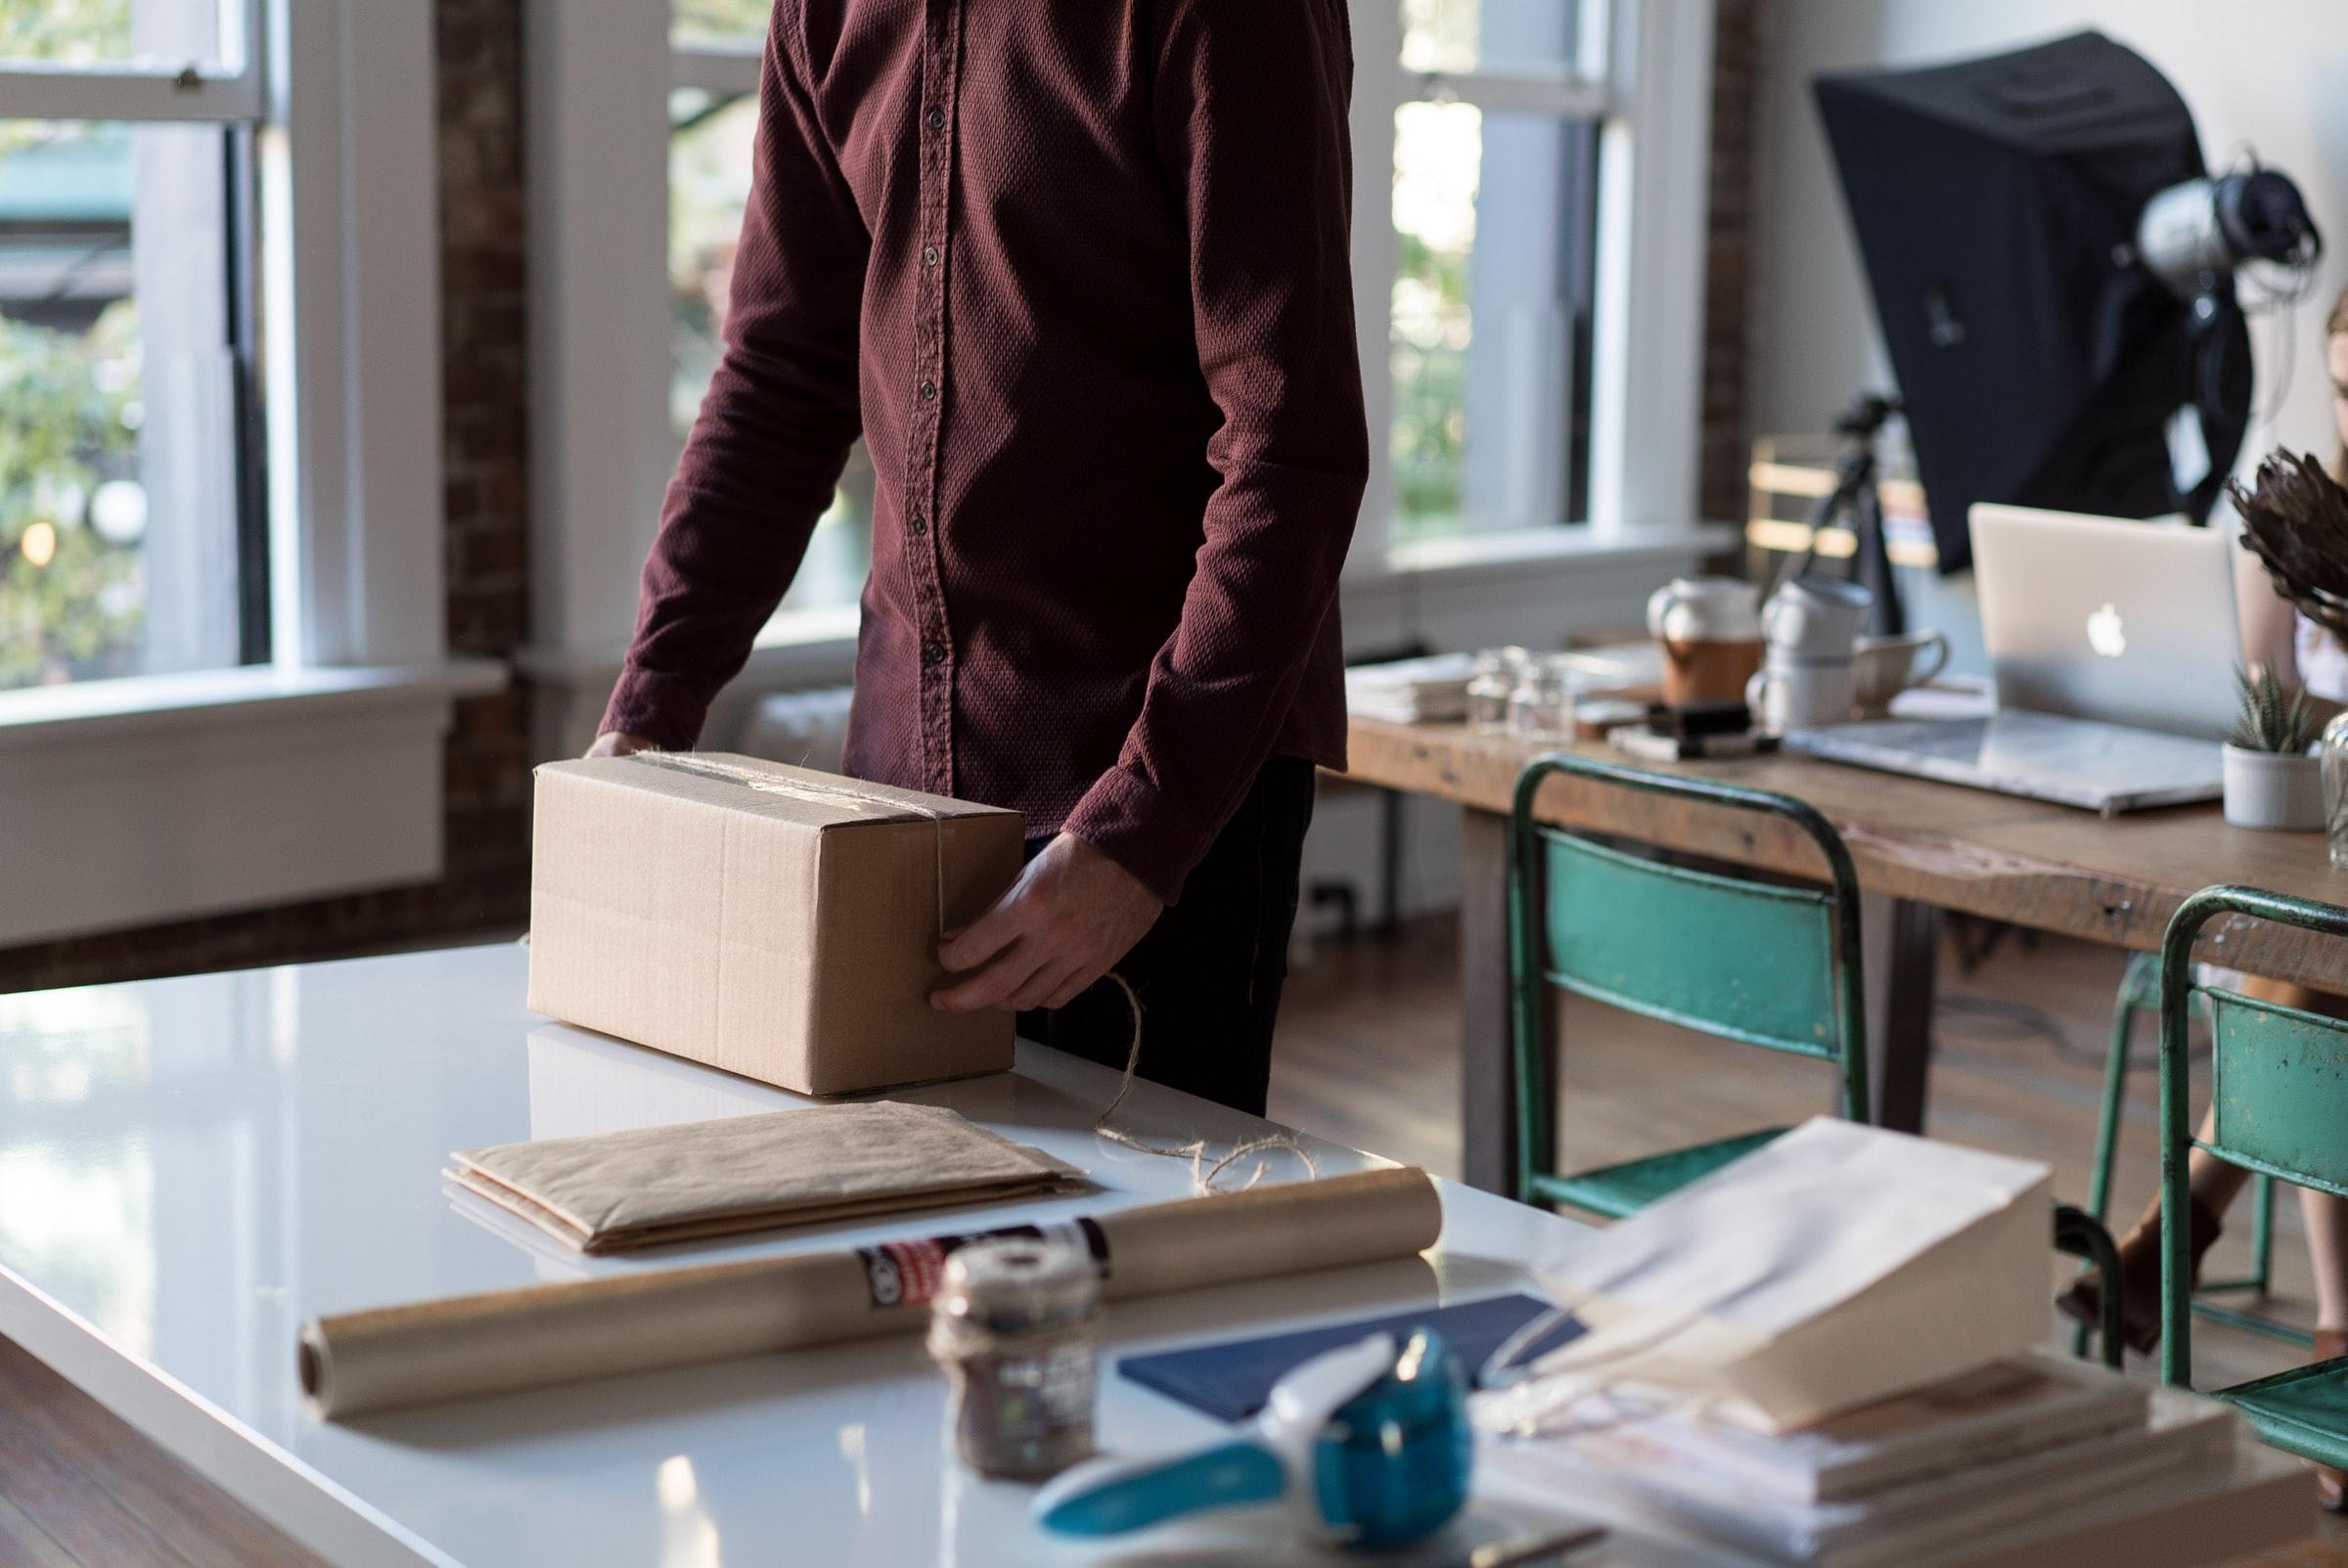 A man packing a cardboard box